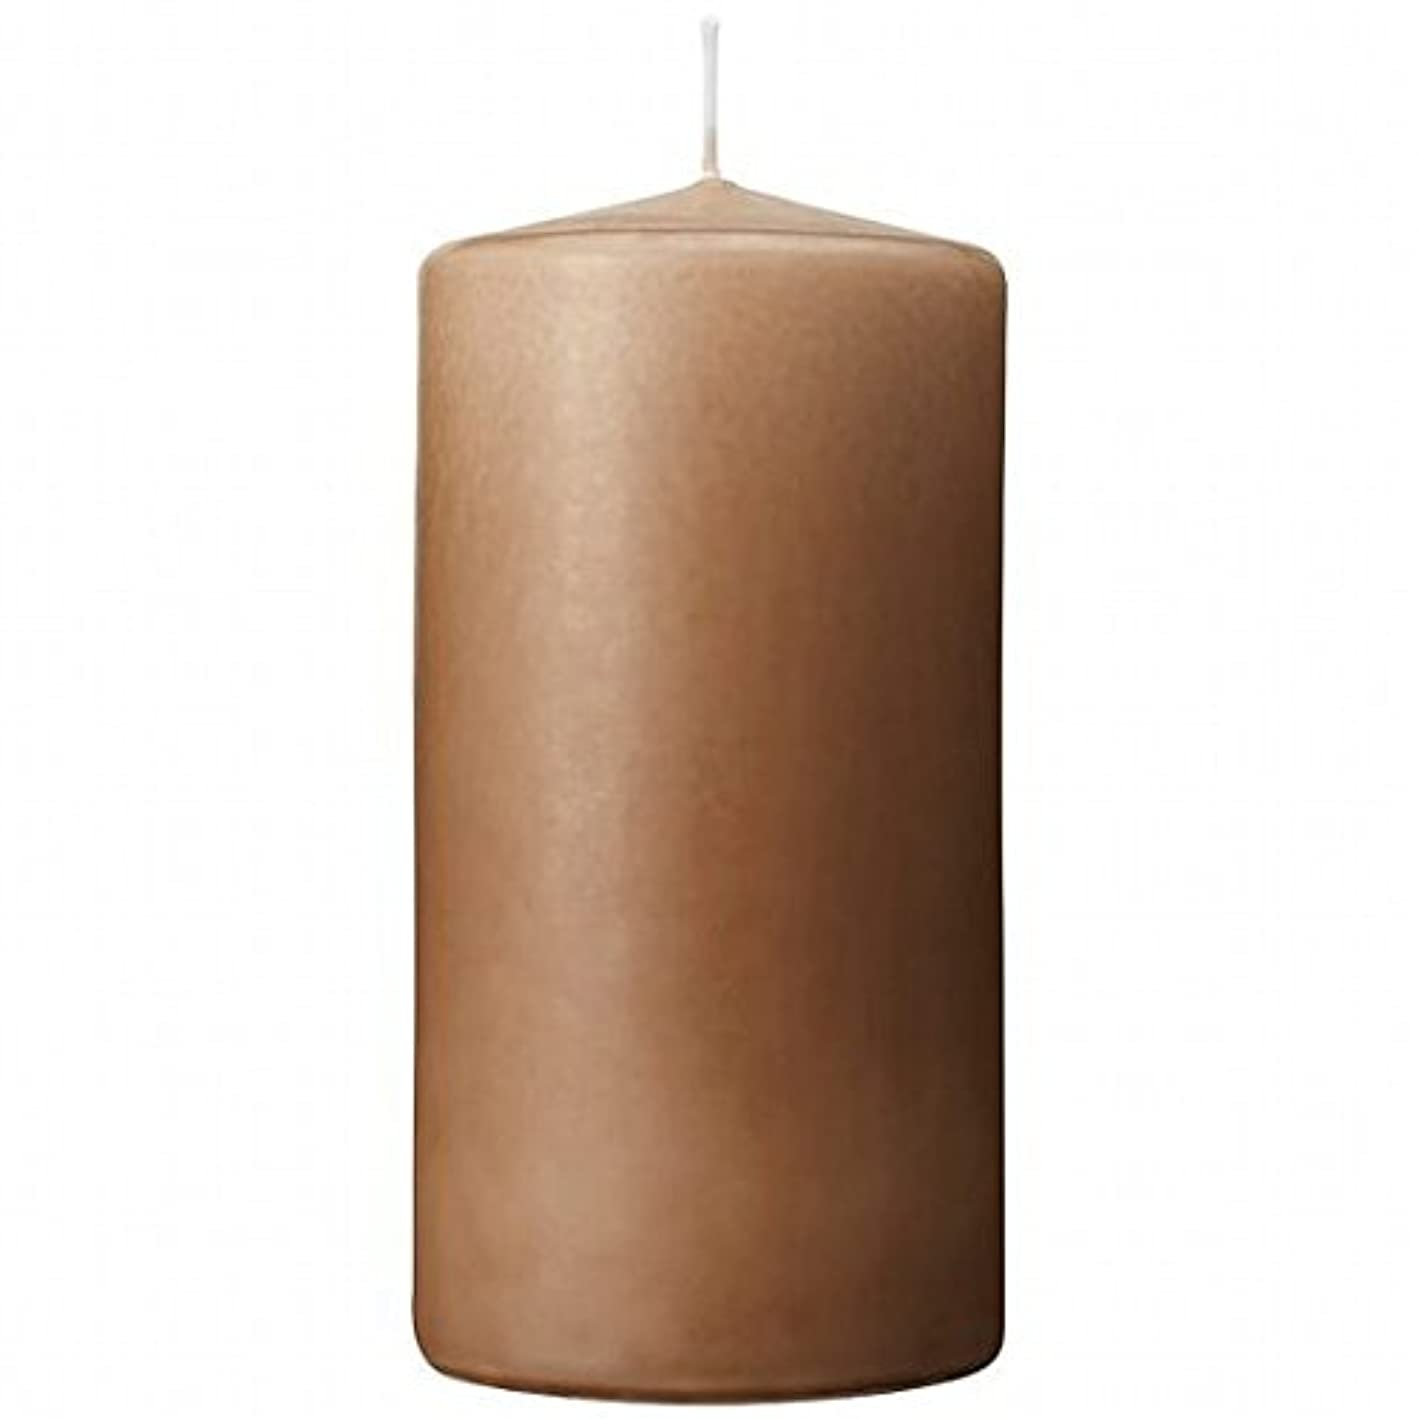 扇動繊毛きらめきkameyama candle(カメヤマキャンドル) 3×6ベルトップピラーキャンドル 「 モカ 」(A9730010MO)